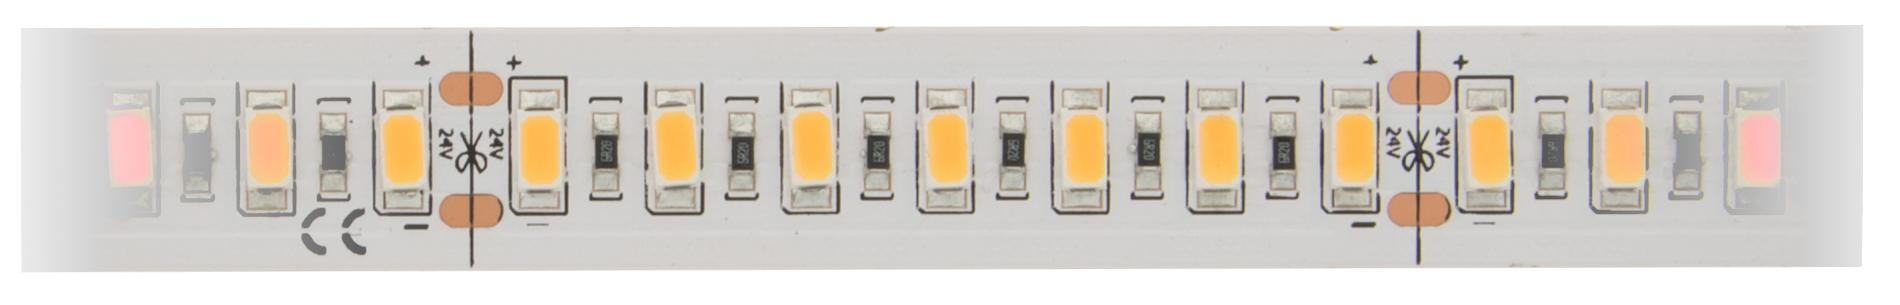 1 Stk FS 160, CW, Ra=90+, 37,0W/m, 3870lm/m, 24VDC, IP20, l=5m LIFS019004